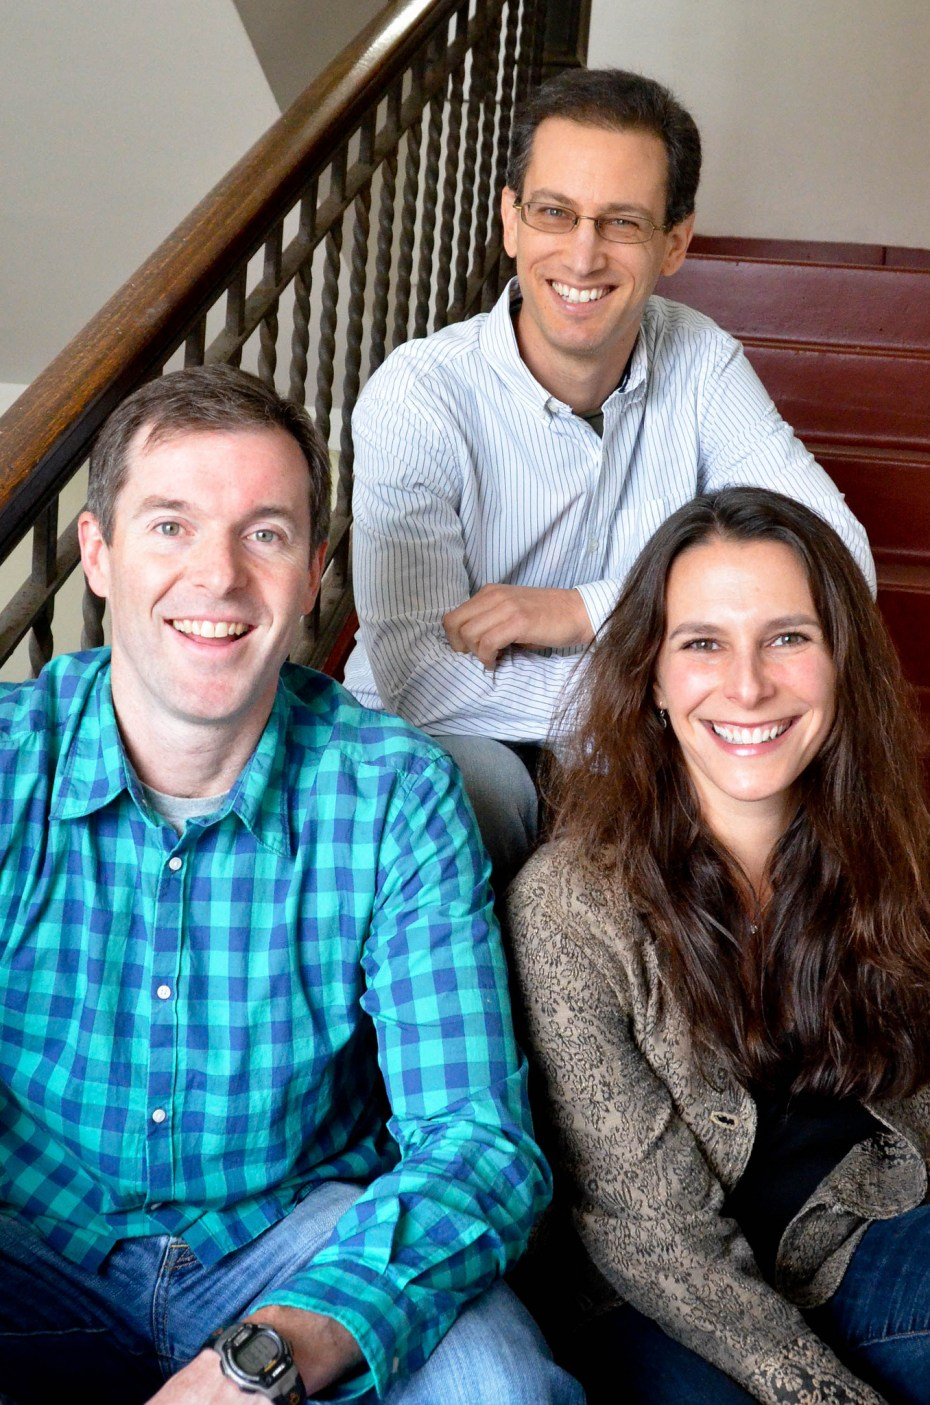 Frontleaf cofounders Tom Krackeler, Karl Goldstein, and Rachel English.